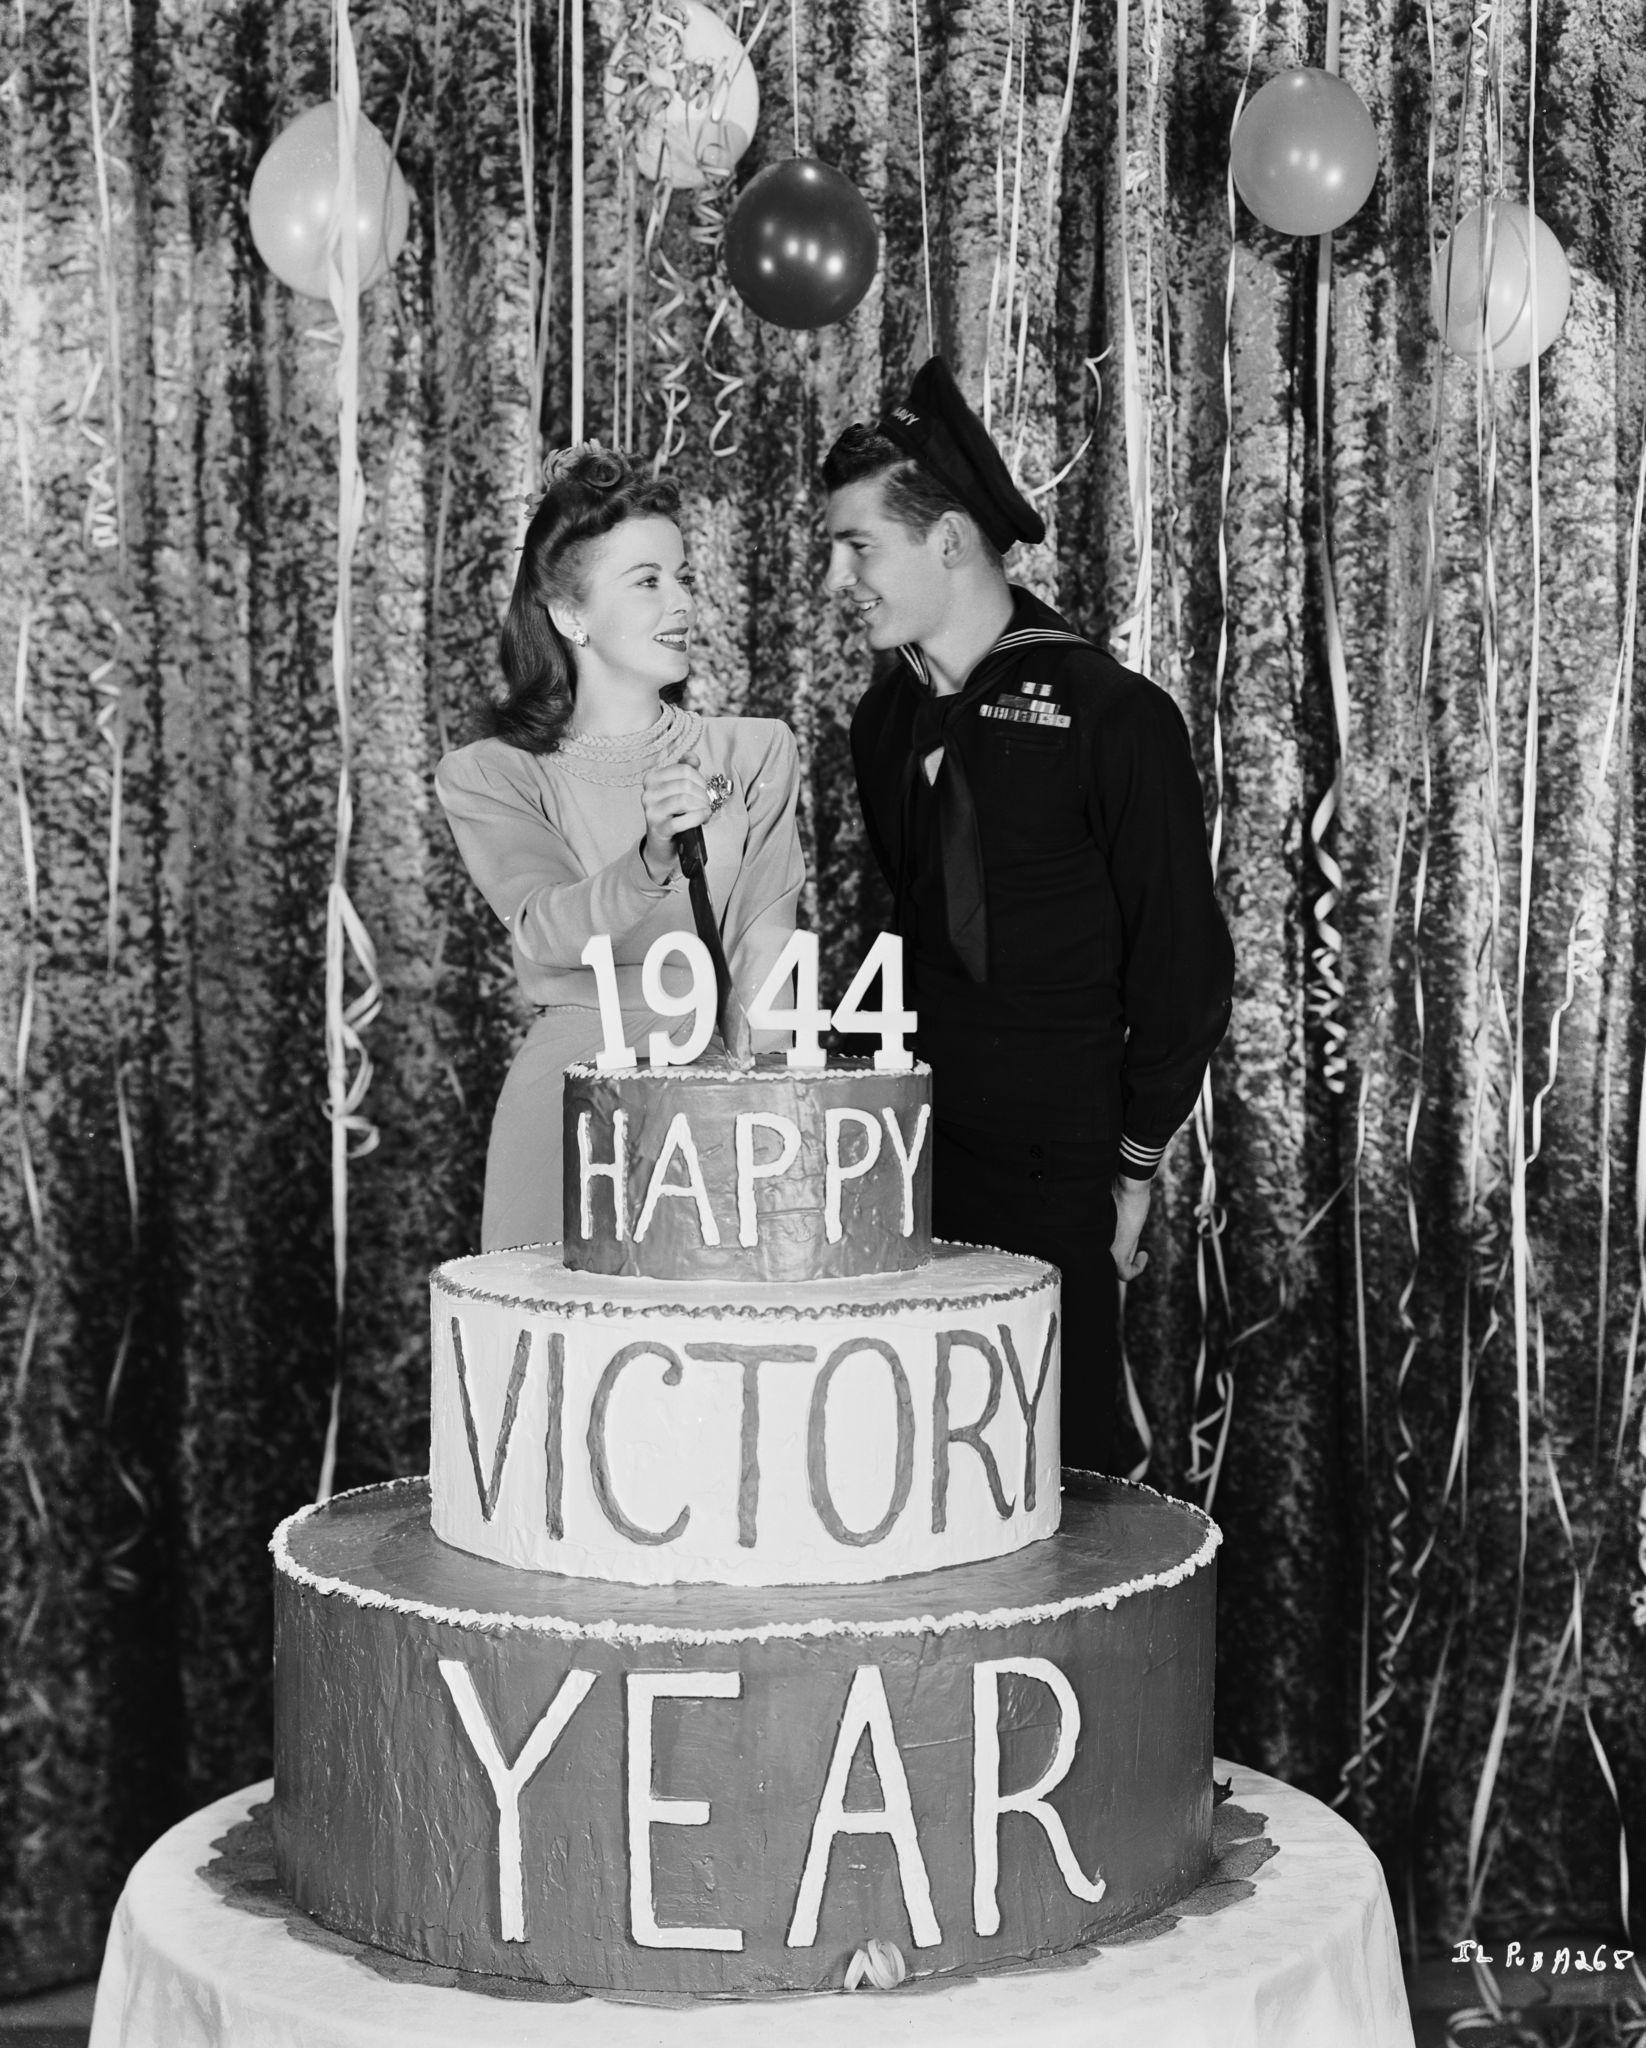 1944. Британская актриса Ида Лупино улыбается моряку, разрезавшему торт с надписью «Счастливый год победы»..jpg